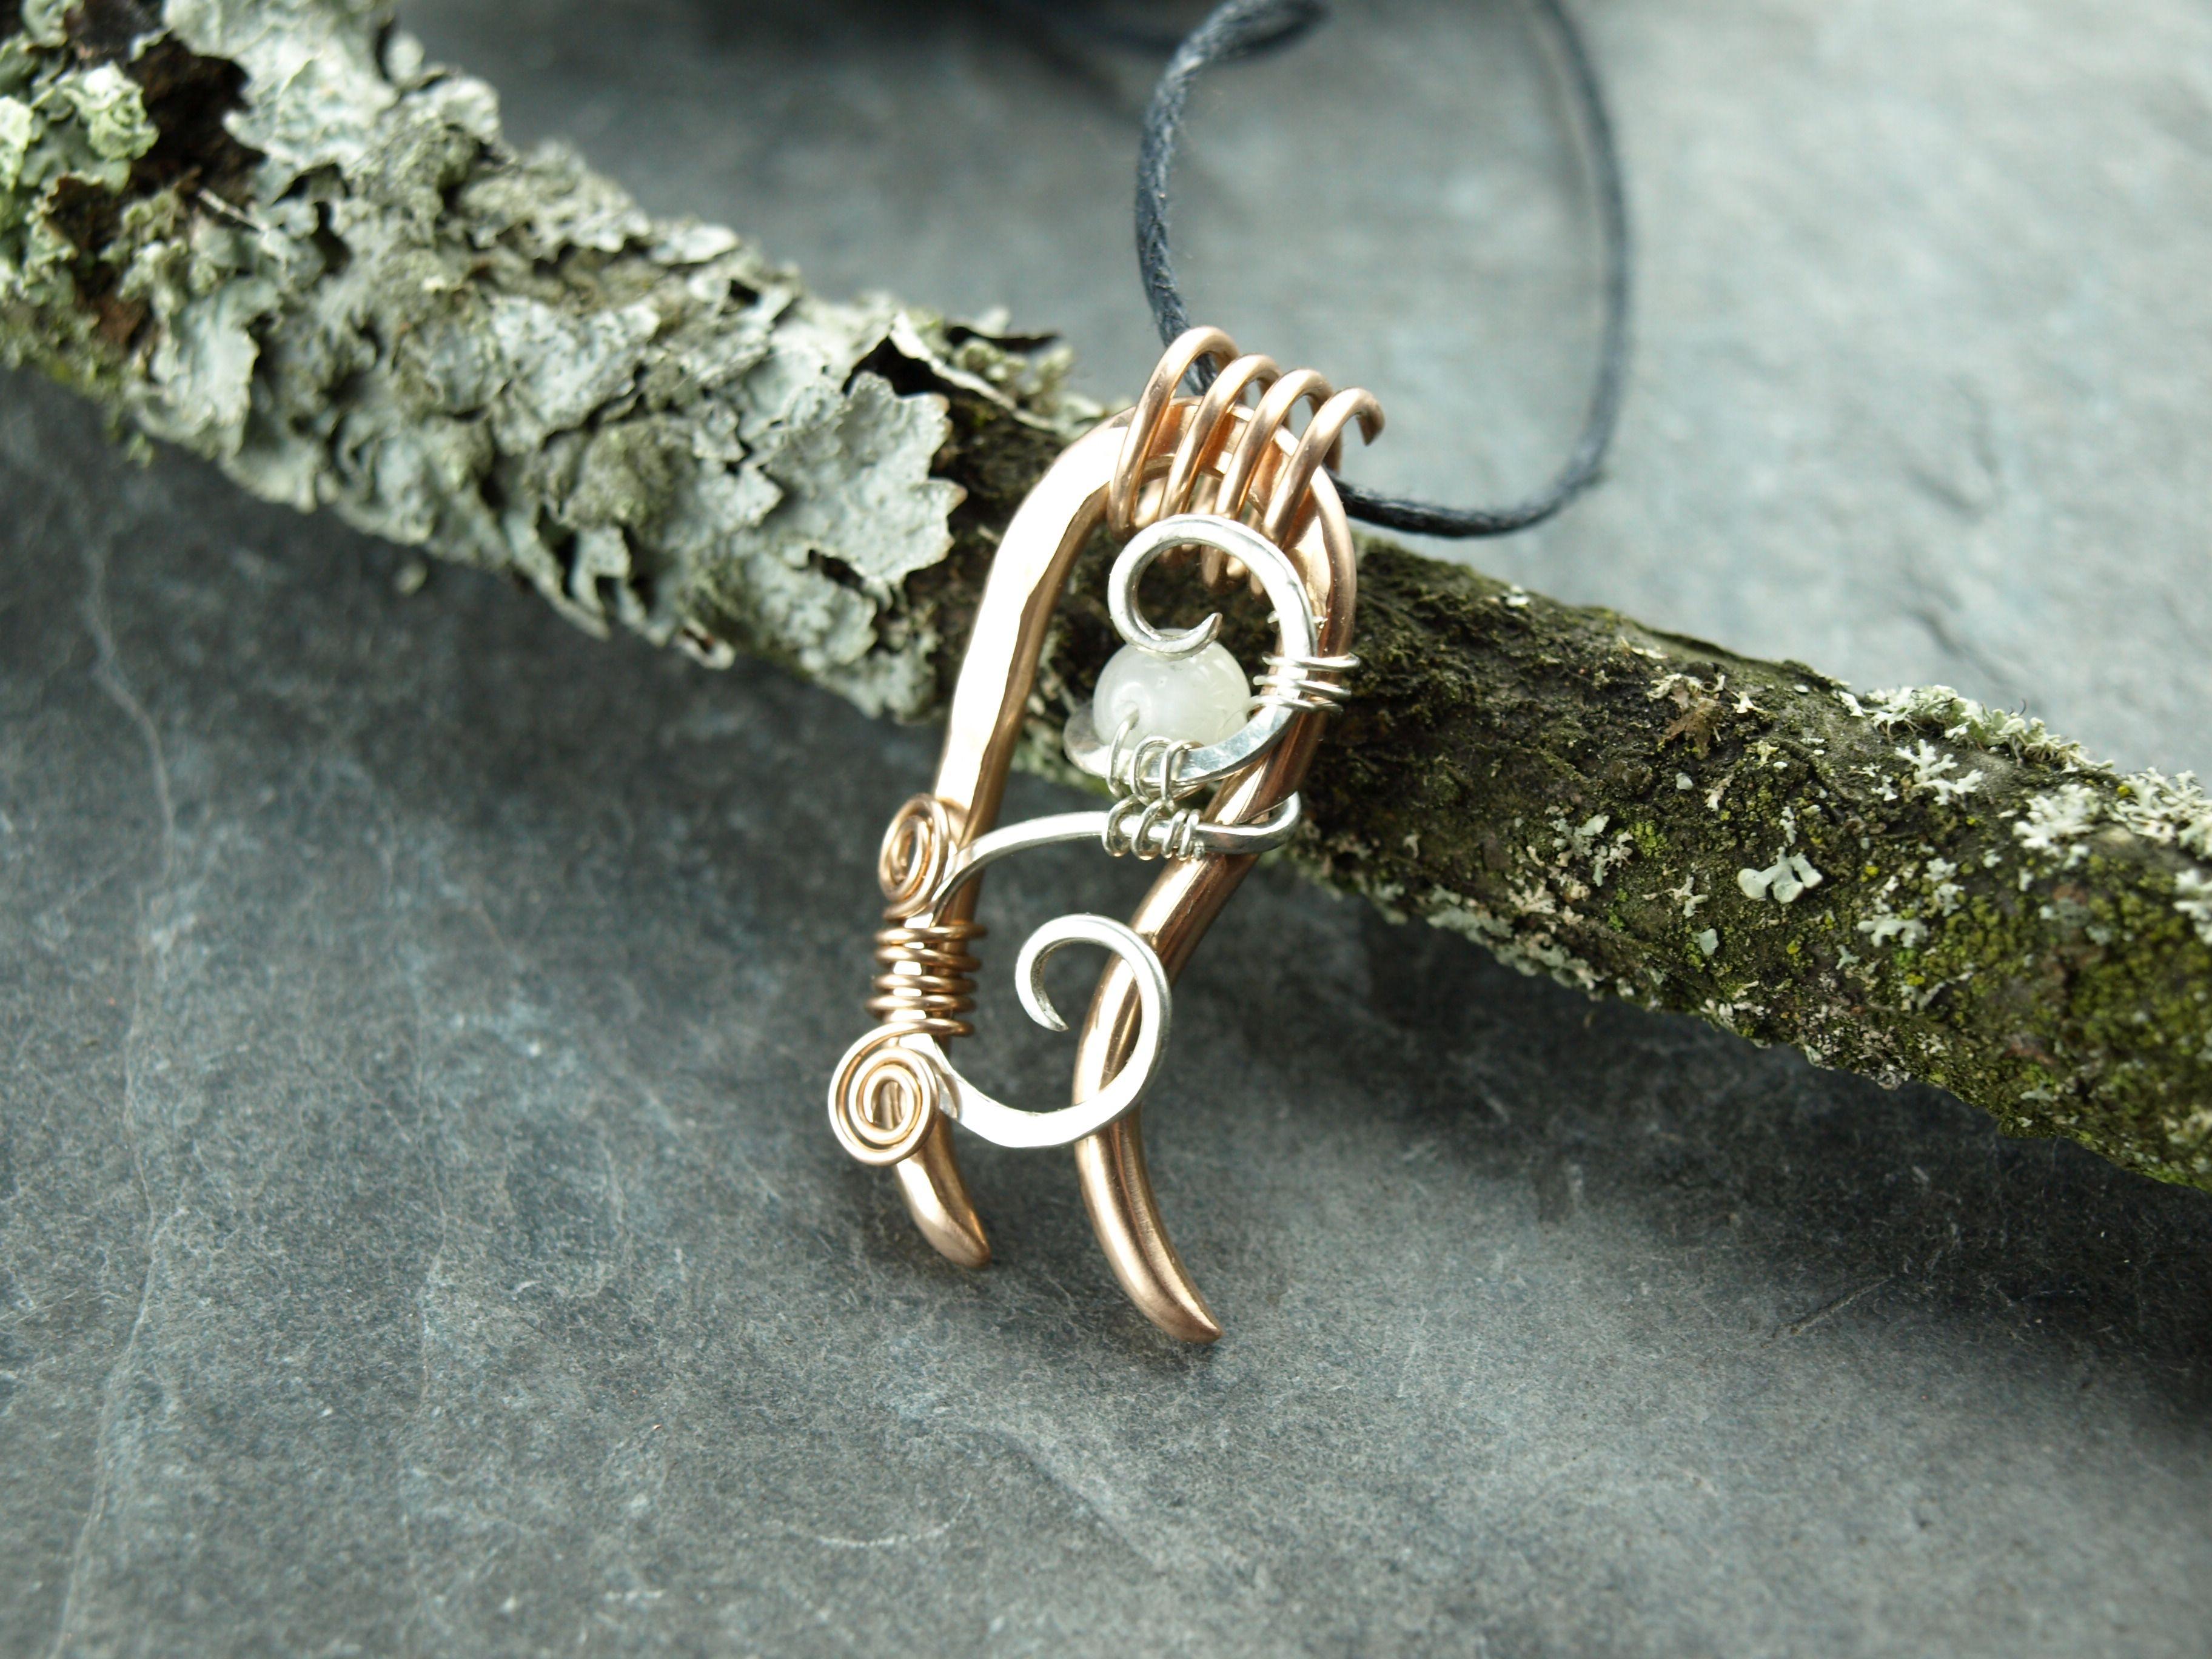 Pendant: bronze, sterlingsilver with moonstone - Anhänger aus Bronze mit Echtsilberspirale und Mondstein